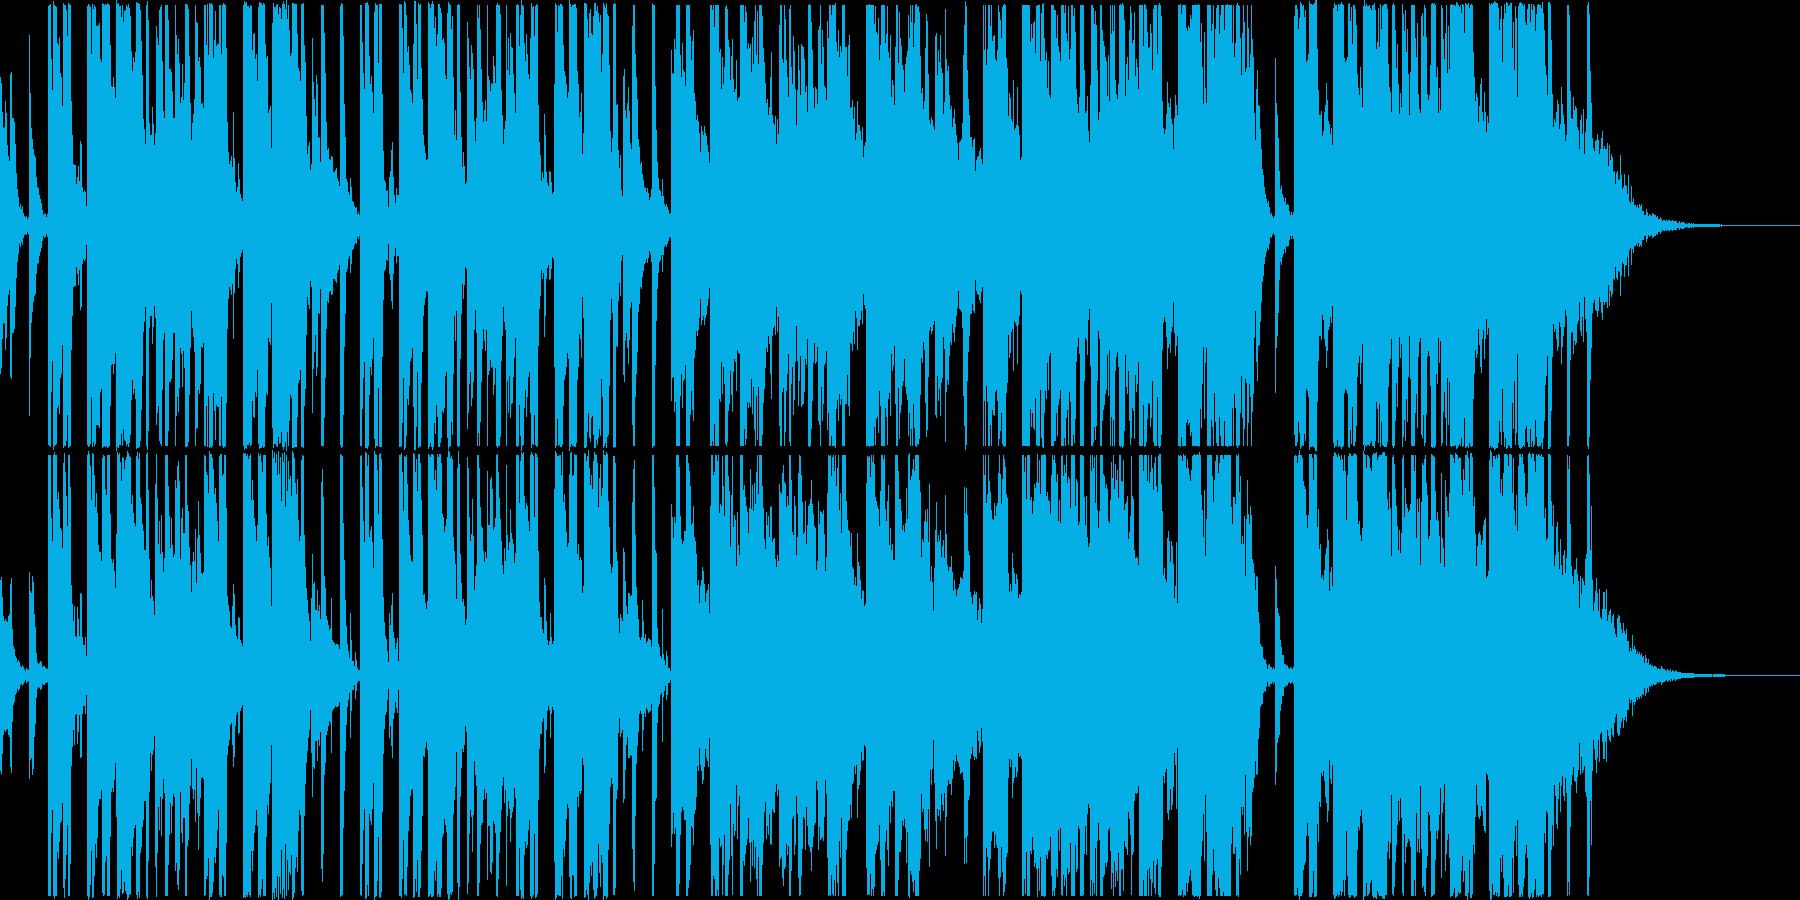 トロピカルなEDM風の曲、映像やCM等にの再生済みの波形